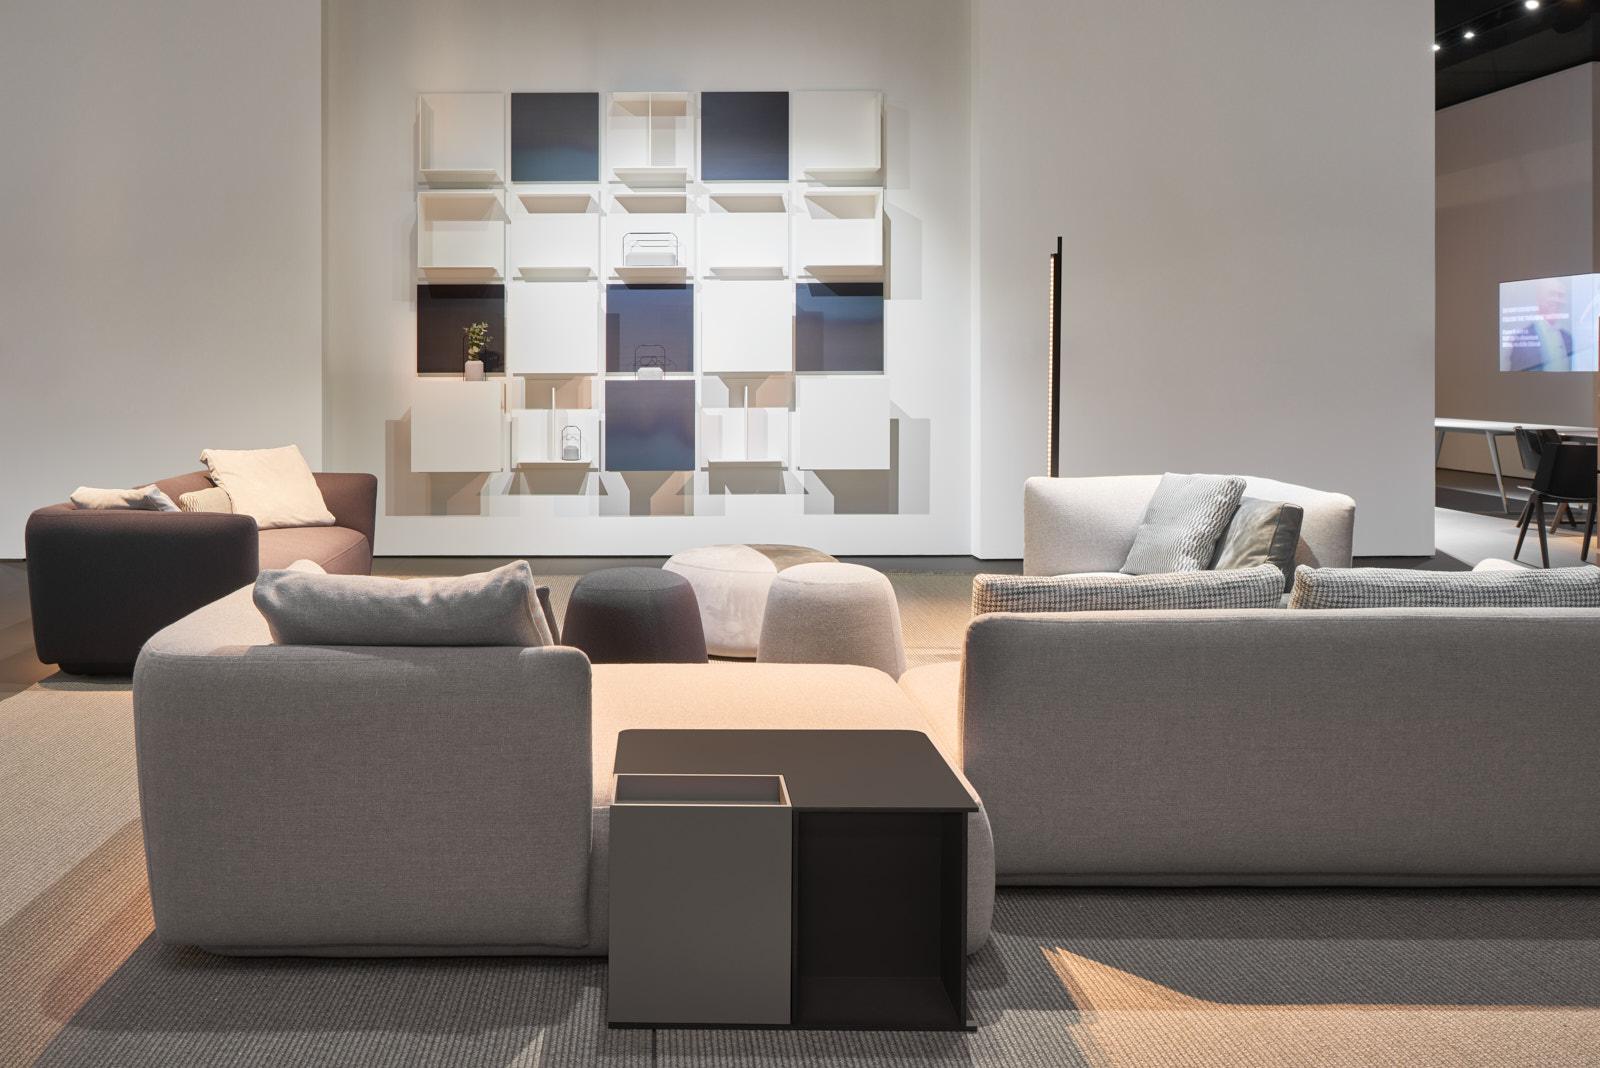 Copertina MDFitalia salone del mobile 2017 | LCBstudio